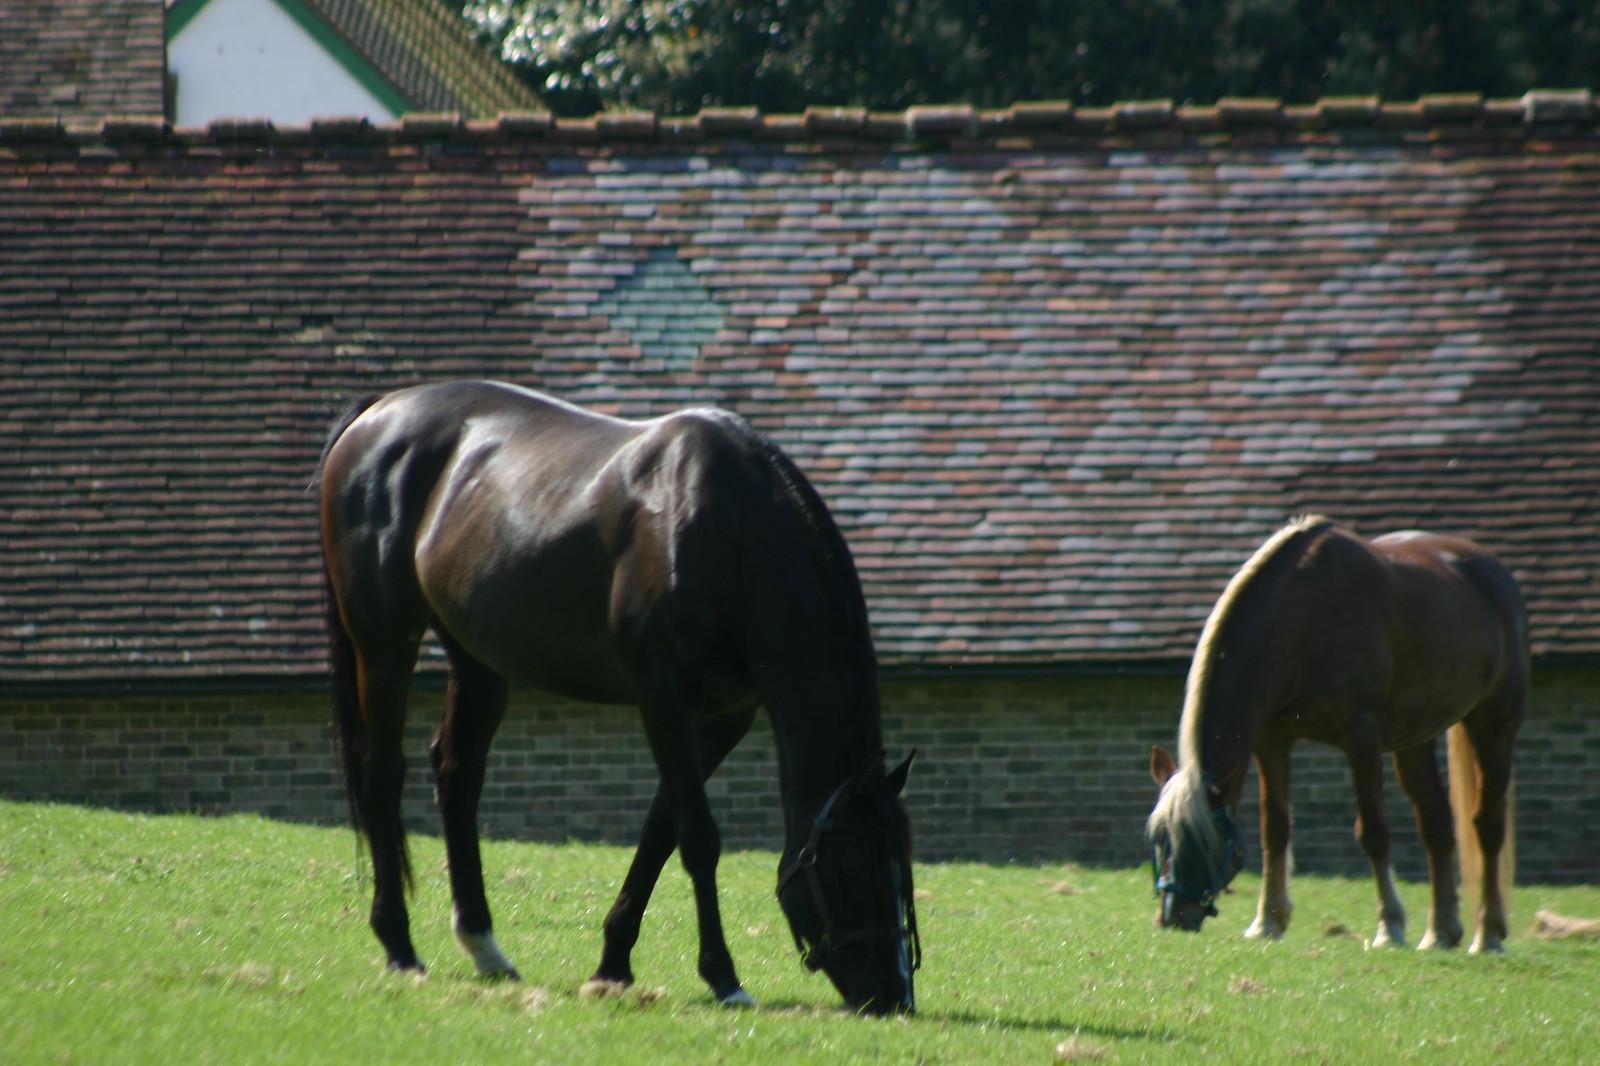 Lovely horsies